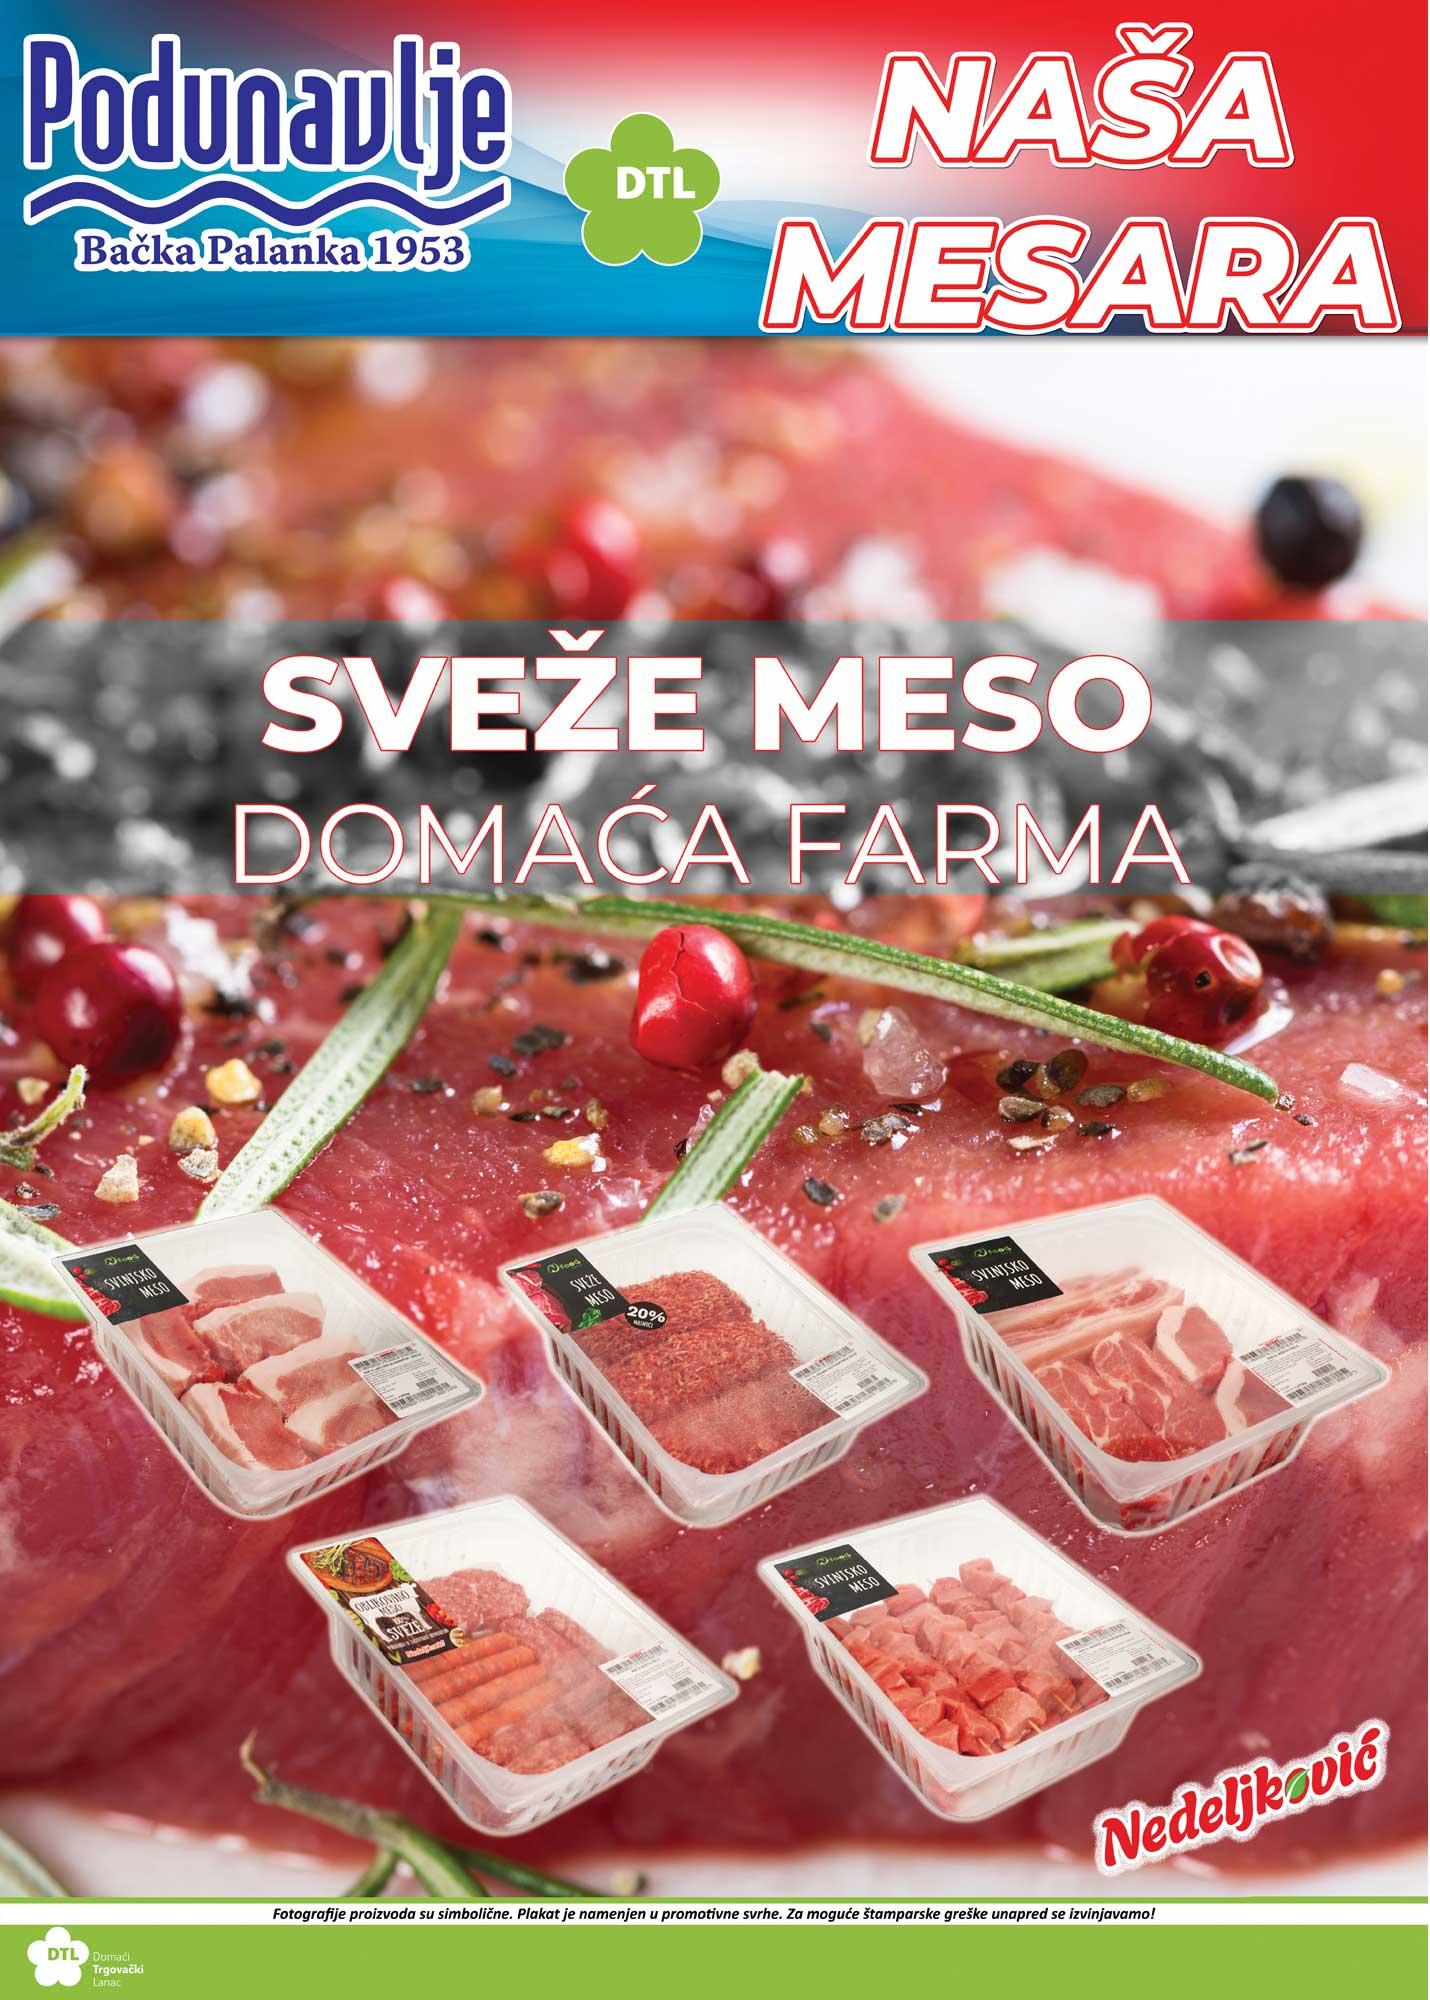 Sveže meso Nedeljković u objektima Podunavlja